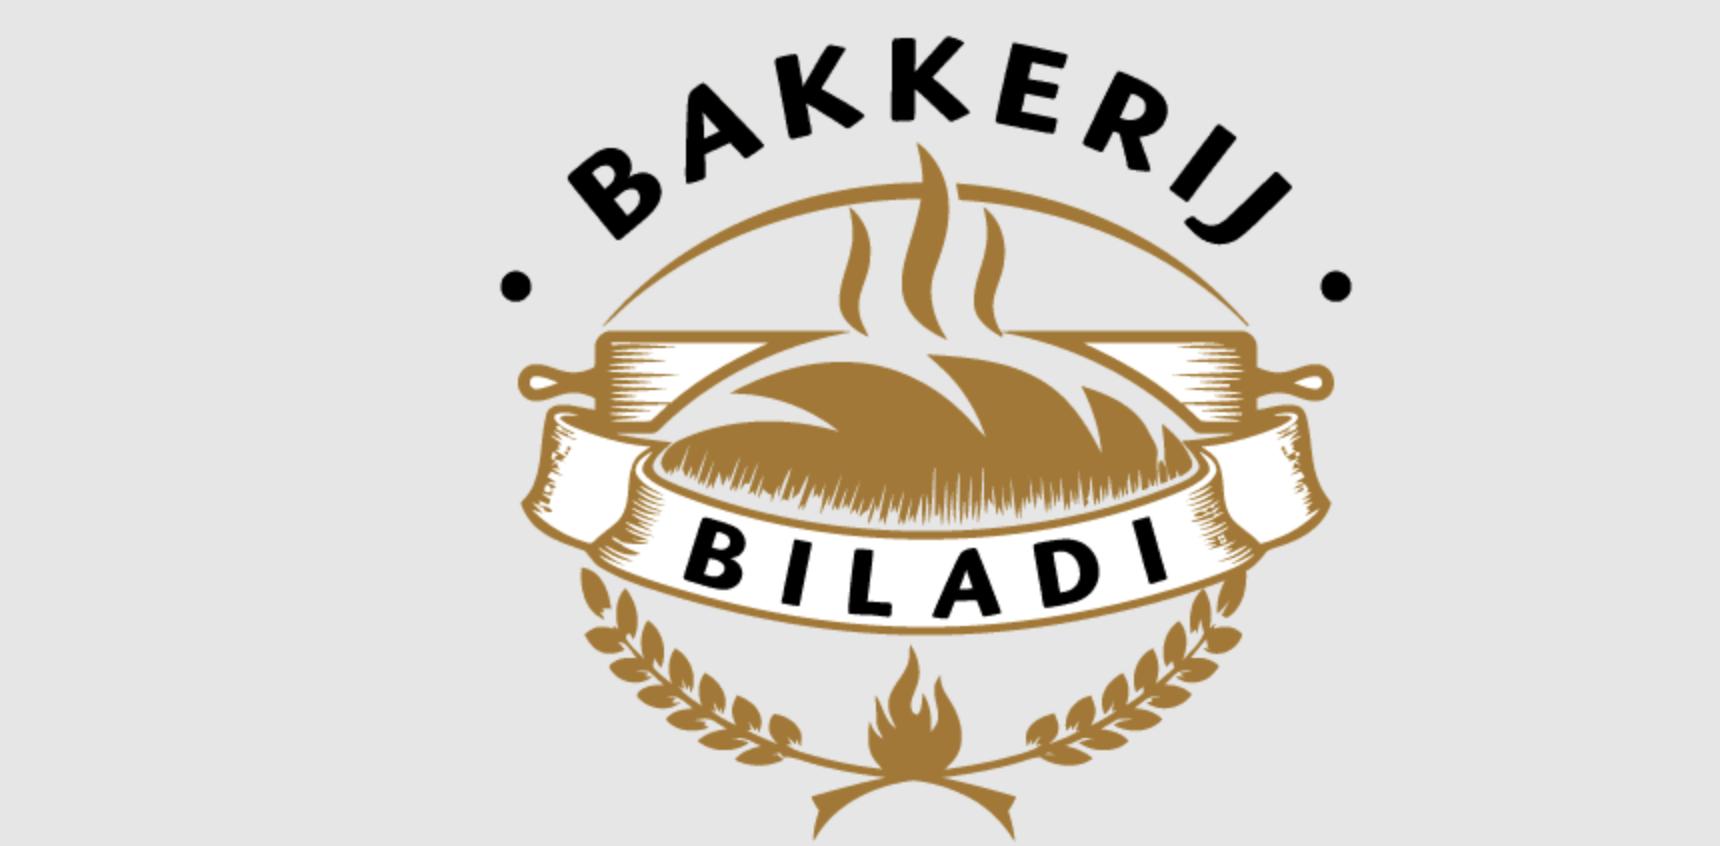 Bakkerij Biladi